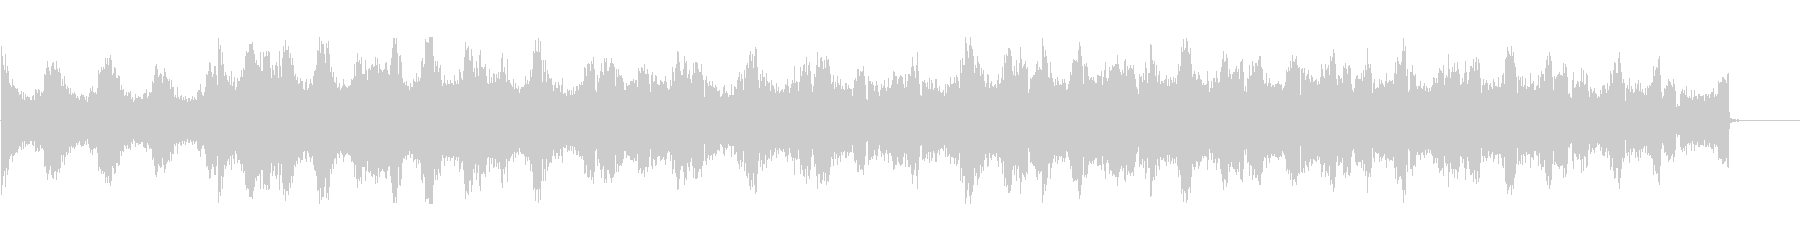 インダストリアルシーンの背景に 2の未再生の波形